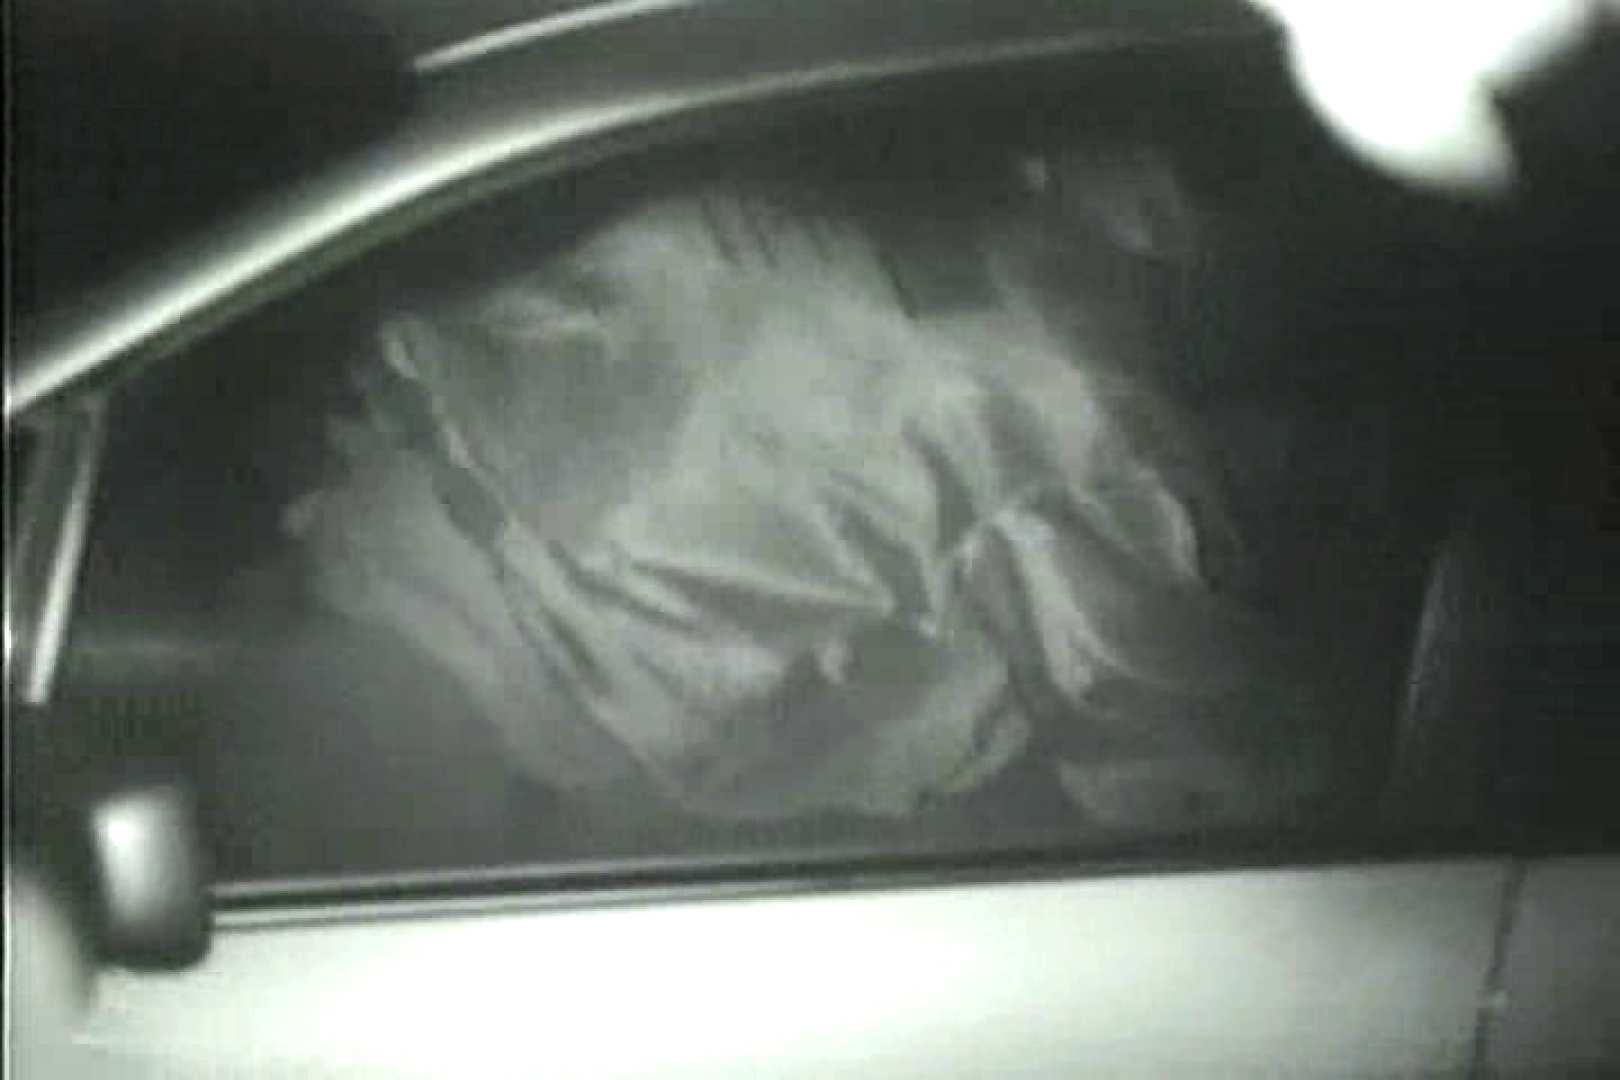 車の中はラブホテル 無修正版  Vol.9 望遠 盗撮ヌード画像 58pic 9